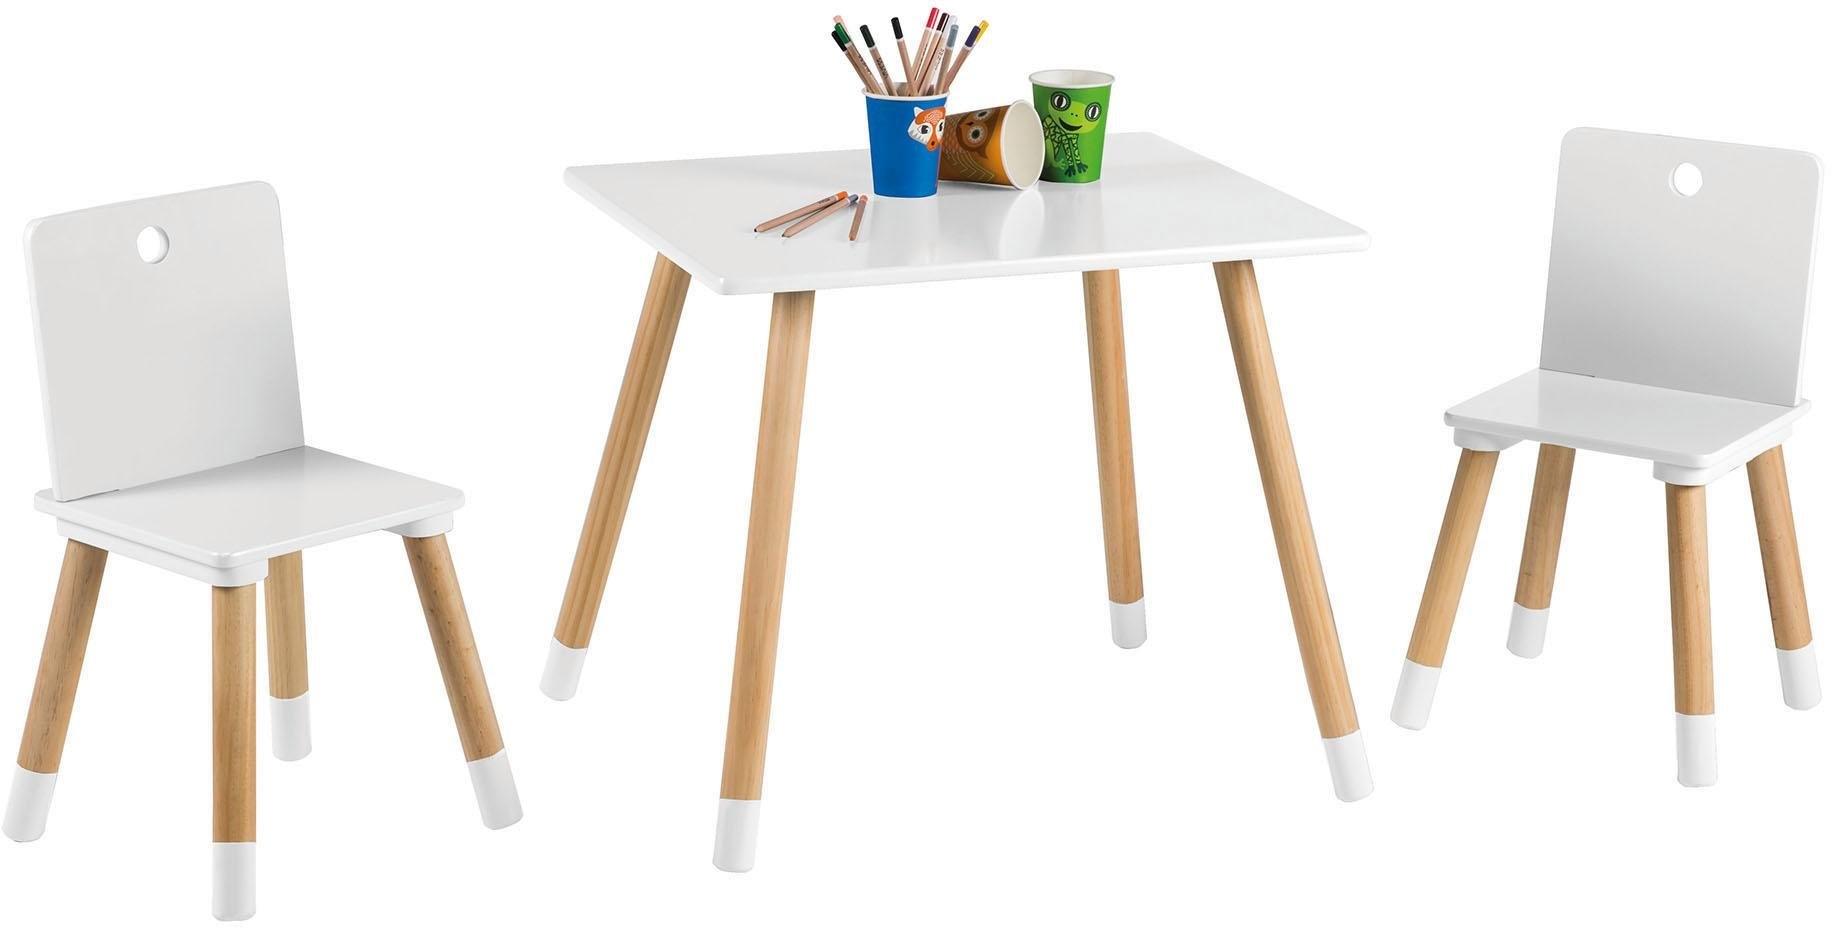 Kinderstoel Tafel Stoel.Kinderzithoeken Kopen Bekijk De Collectie Otto